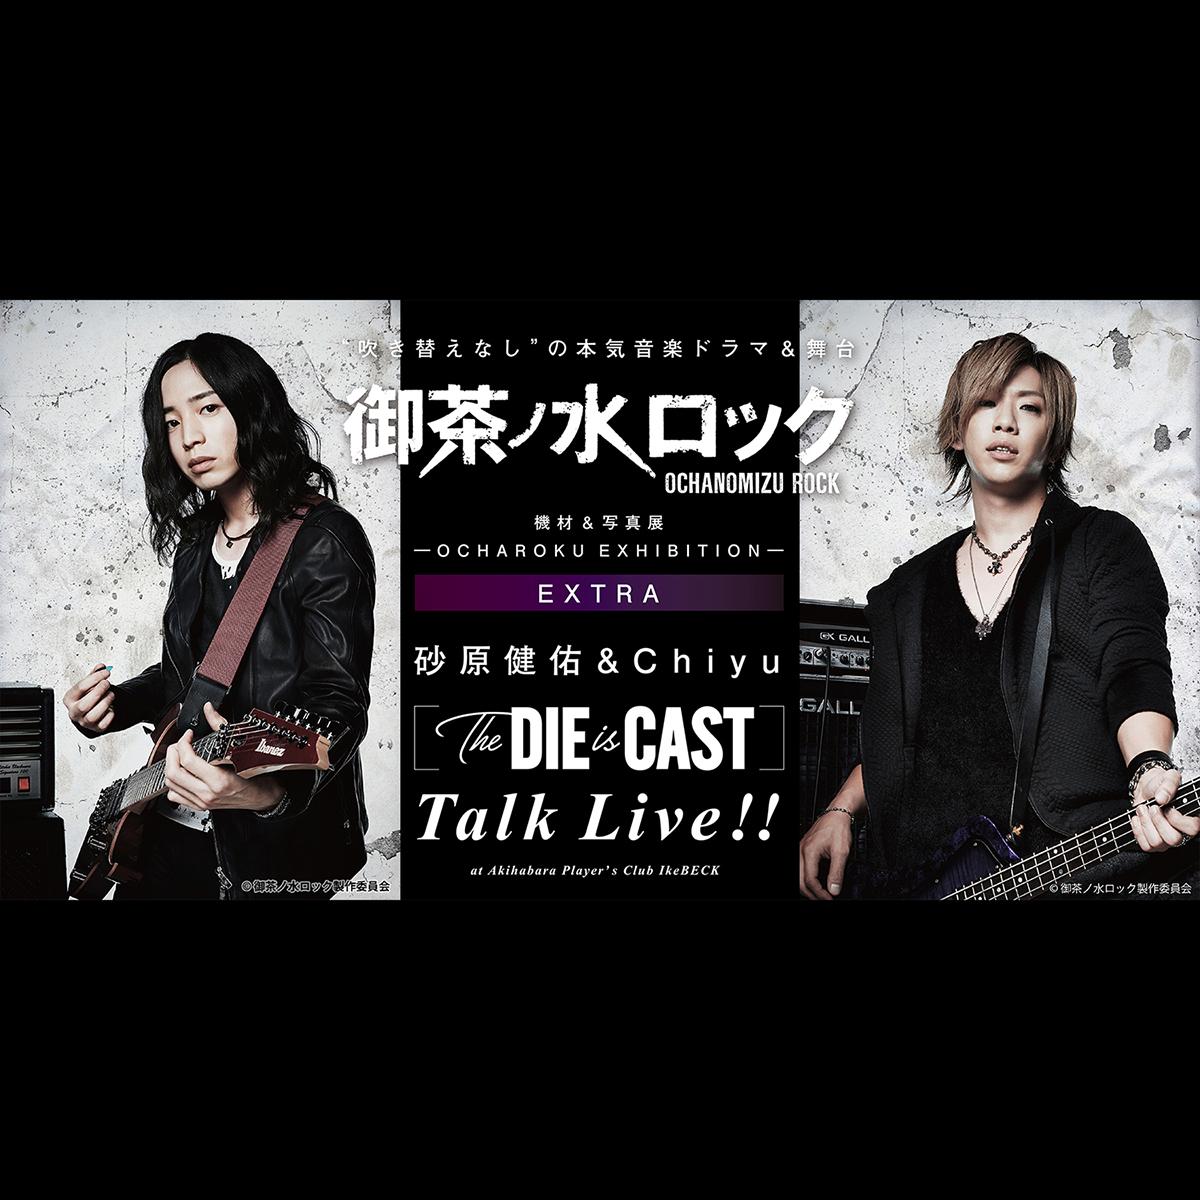 御茶ノ水ロック -OCHAROKU EXHIBITION- EXTRA / 砂原健佑&Chiyu(The DIE is CAST) Talk Live!!